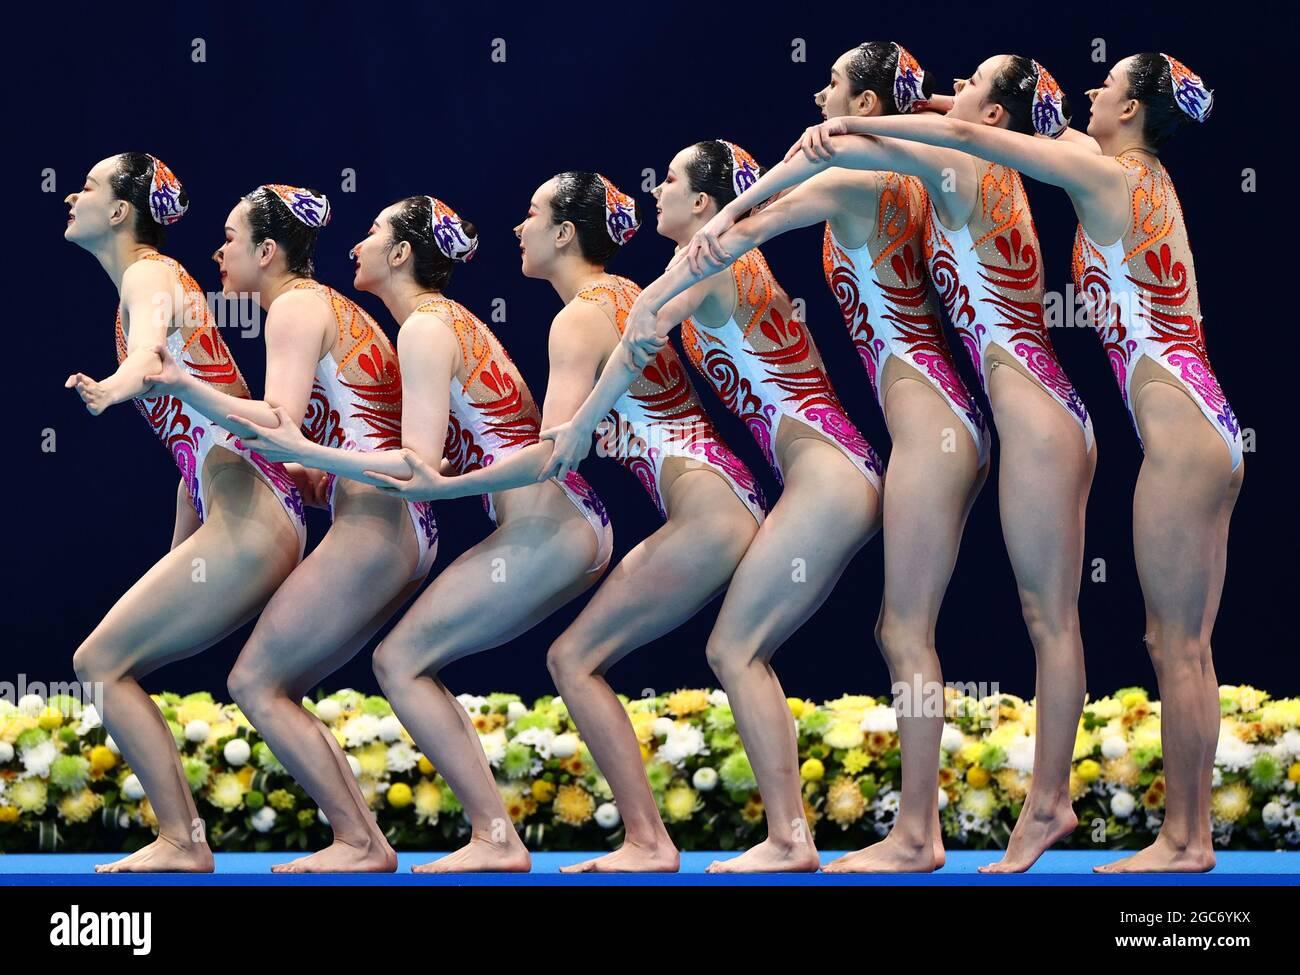 Tokyo 2020 Olimpiadi - Nuoto artistico - la squadra delle donne routine gratuita - finale - Tokyo Aquatics Center, Tokyo, Giappone - 7 agosto 2021. Cina durante la loro performance. REUTERS/Marko Djurica Foto Stock